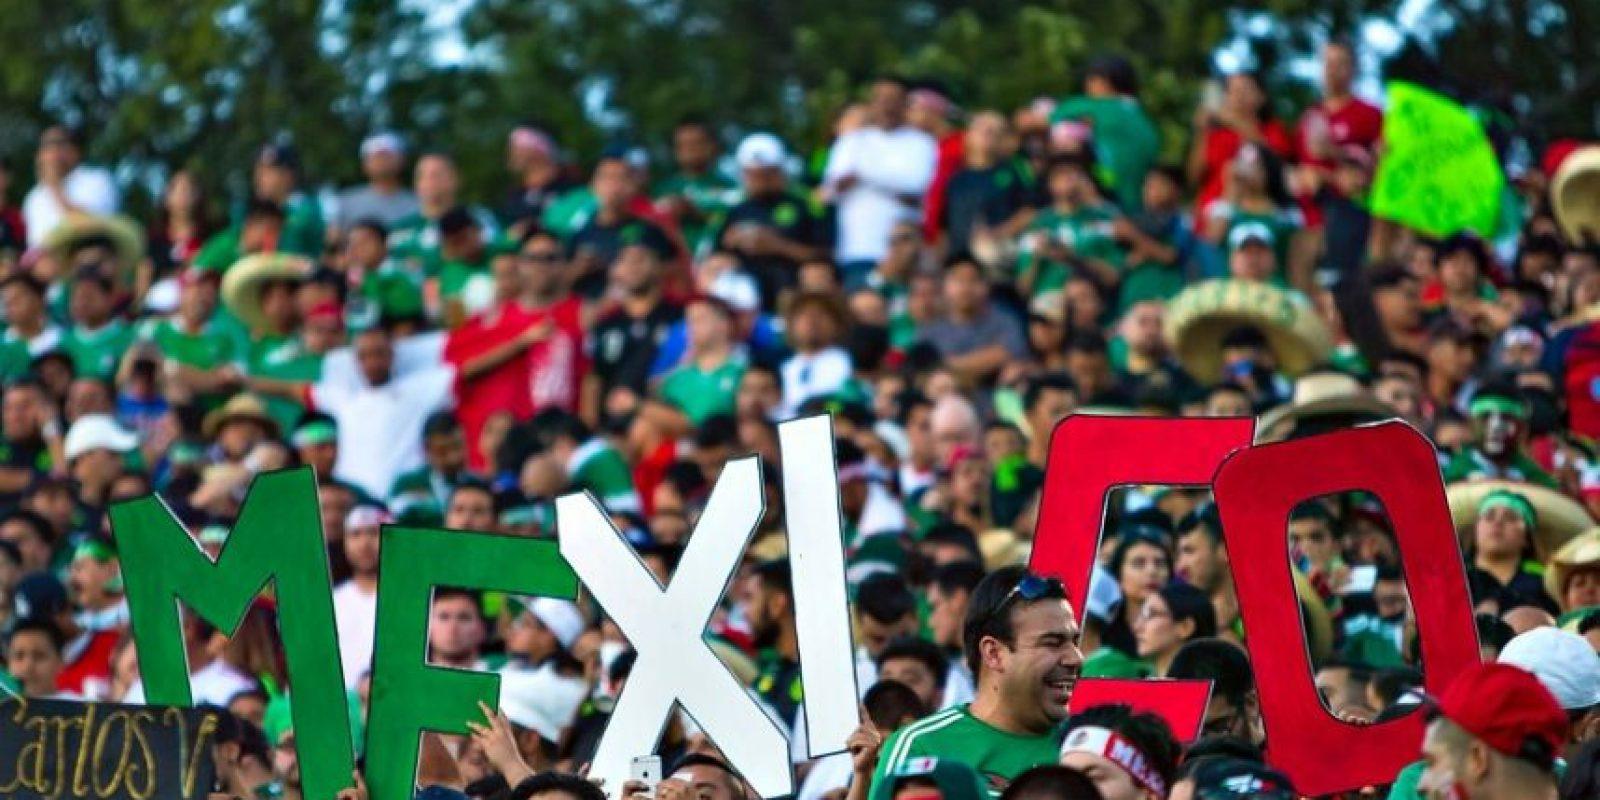 México es favorito para ganar la Copa América Centenario 2016, sin embargo, Chile se ubica en la quinta posición del ranking FIFA y tercero en todo el continente, solo por debajo de Colombia y Argentina. Foto:Femexfut